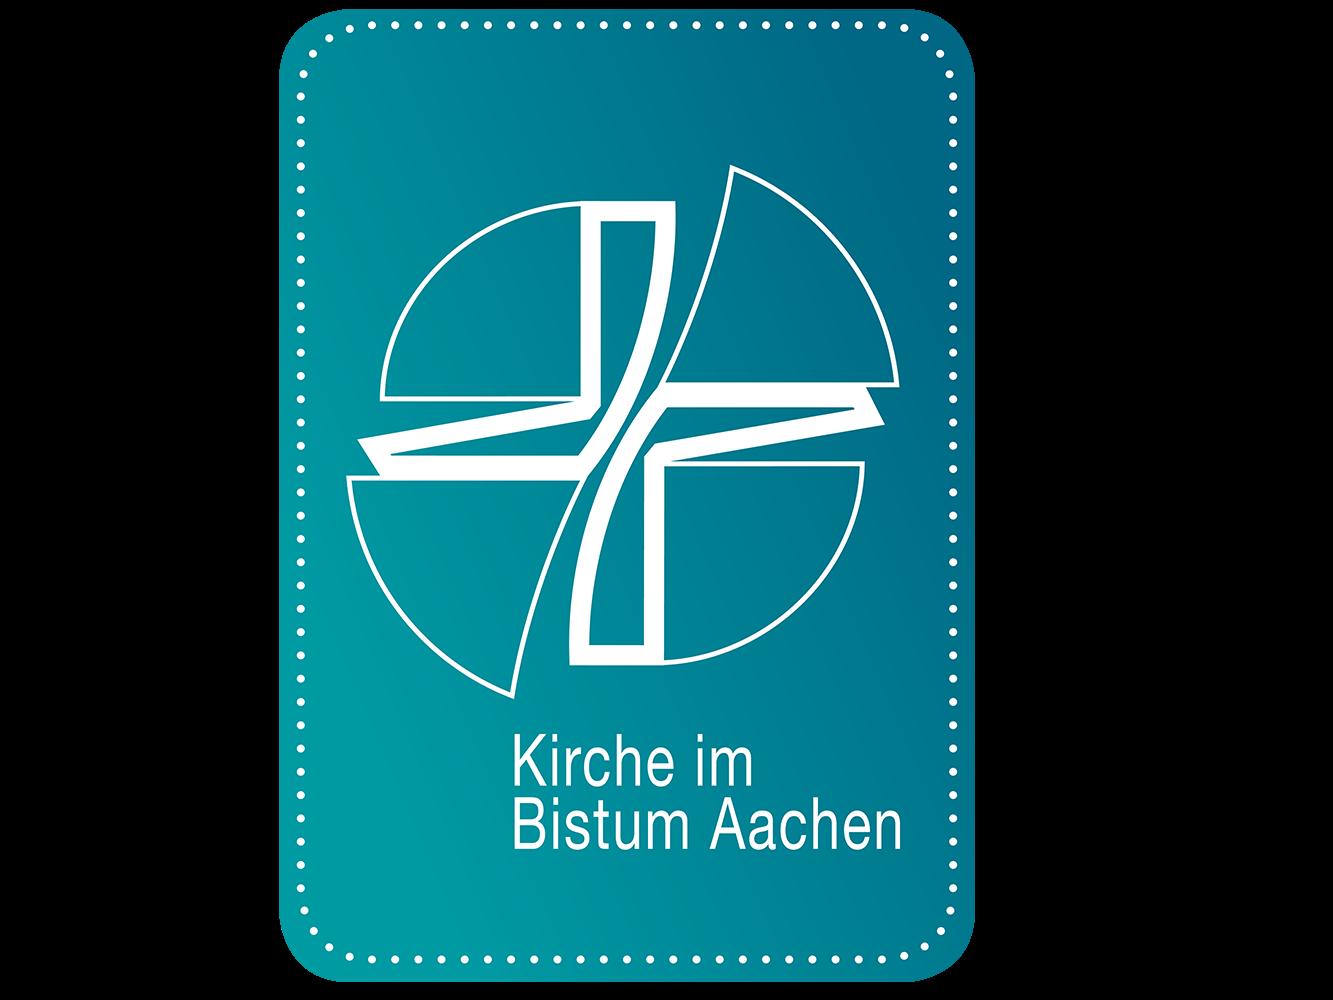 Pressemitteilung des Bistums Aachen: Gräben überwinden und Zukunft gemeinsam gestalten (c) Bistum Aachen